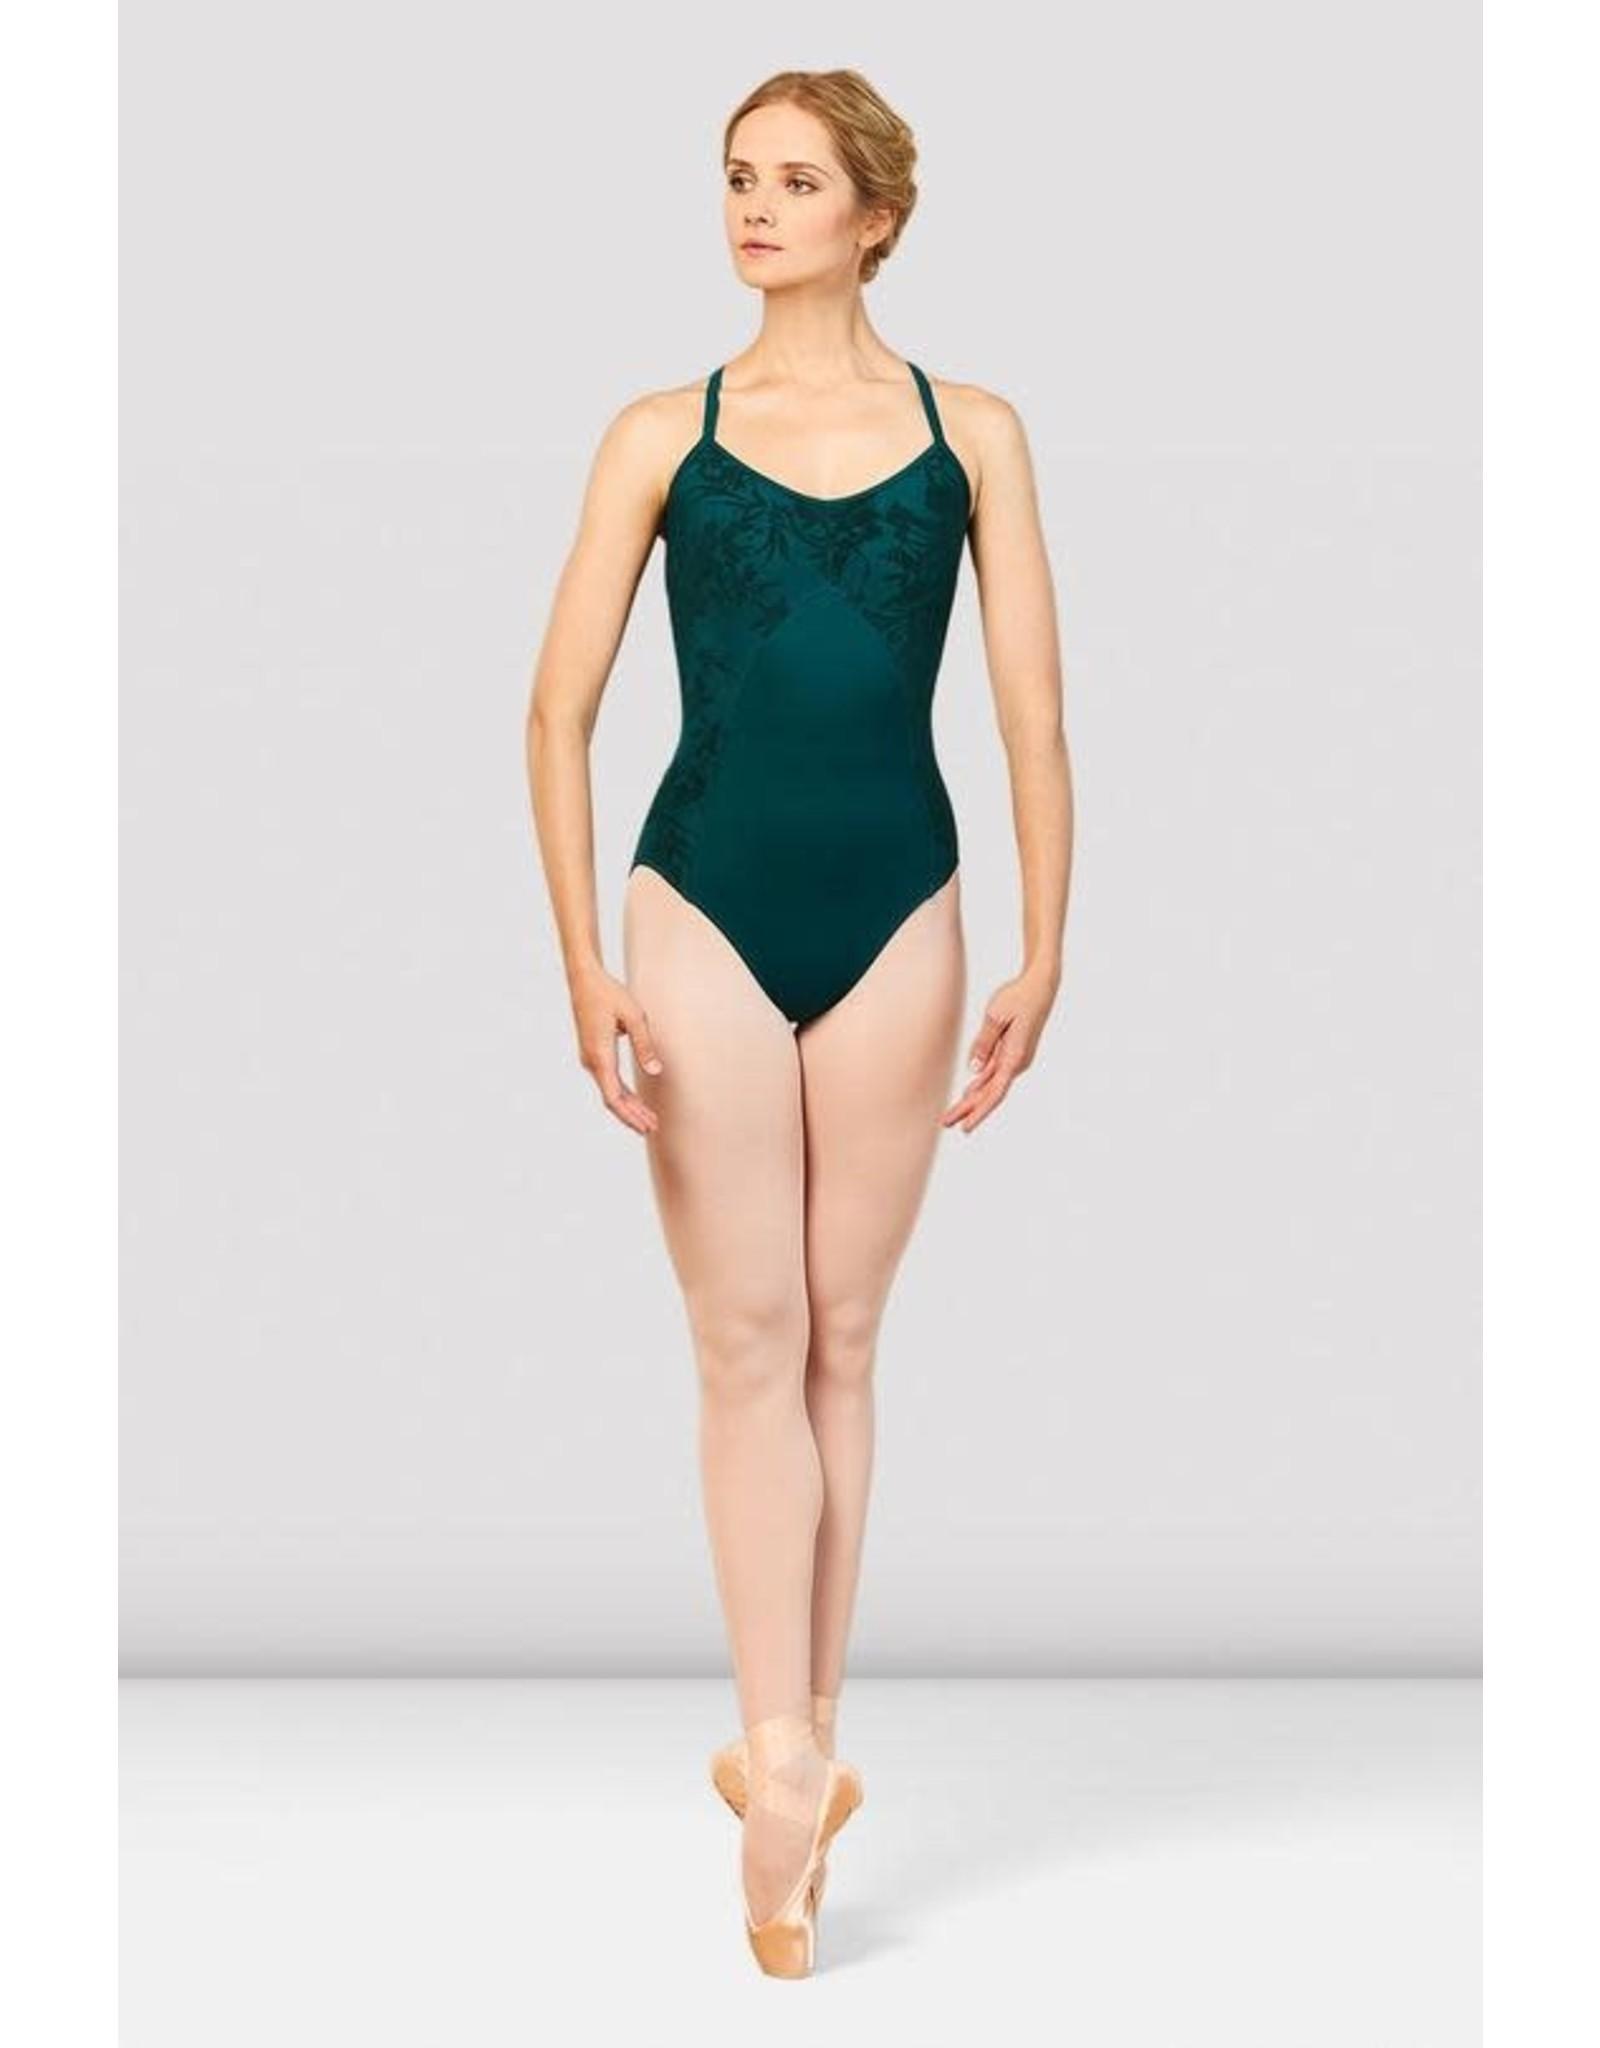 Bloch L7887 Balletpak Dove floral mesh